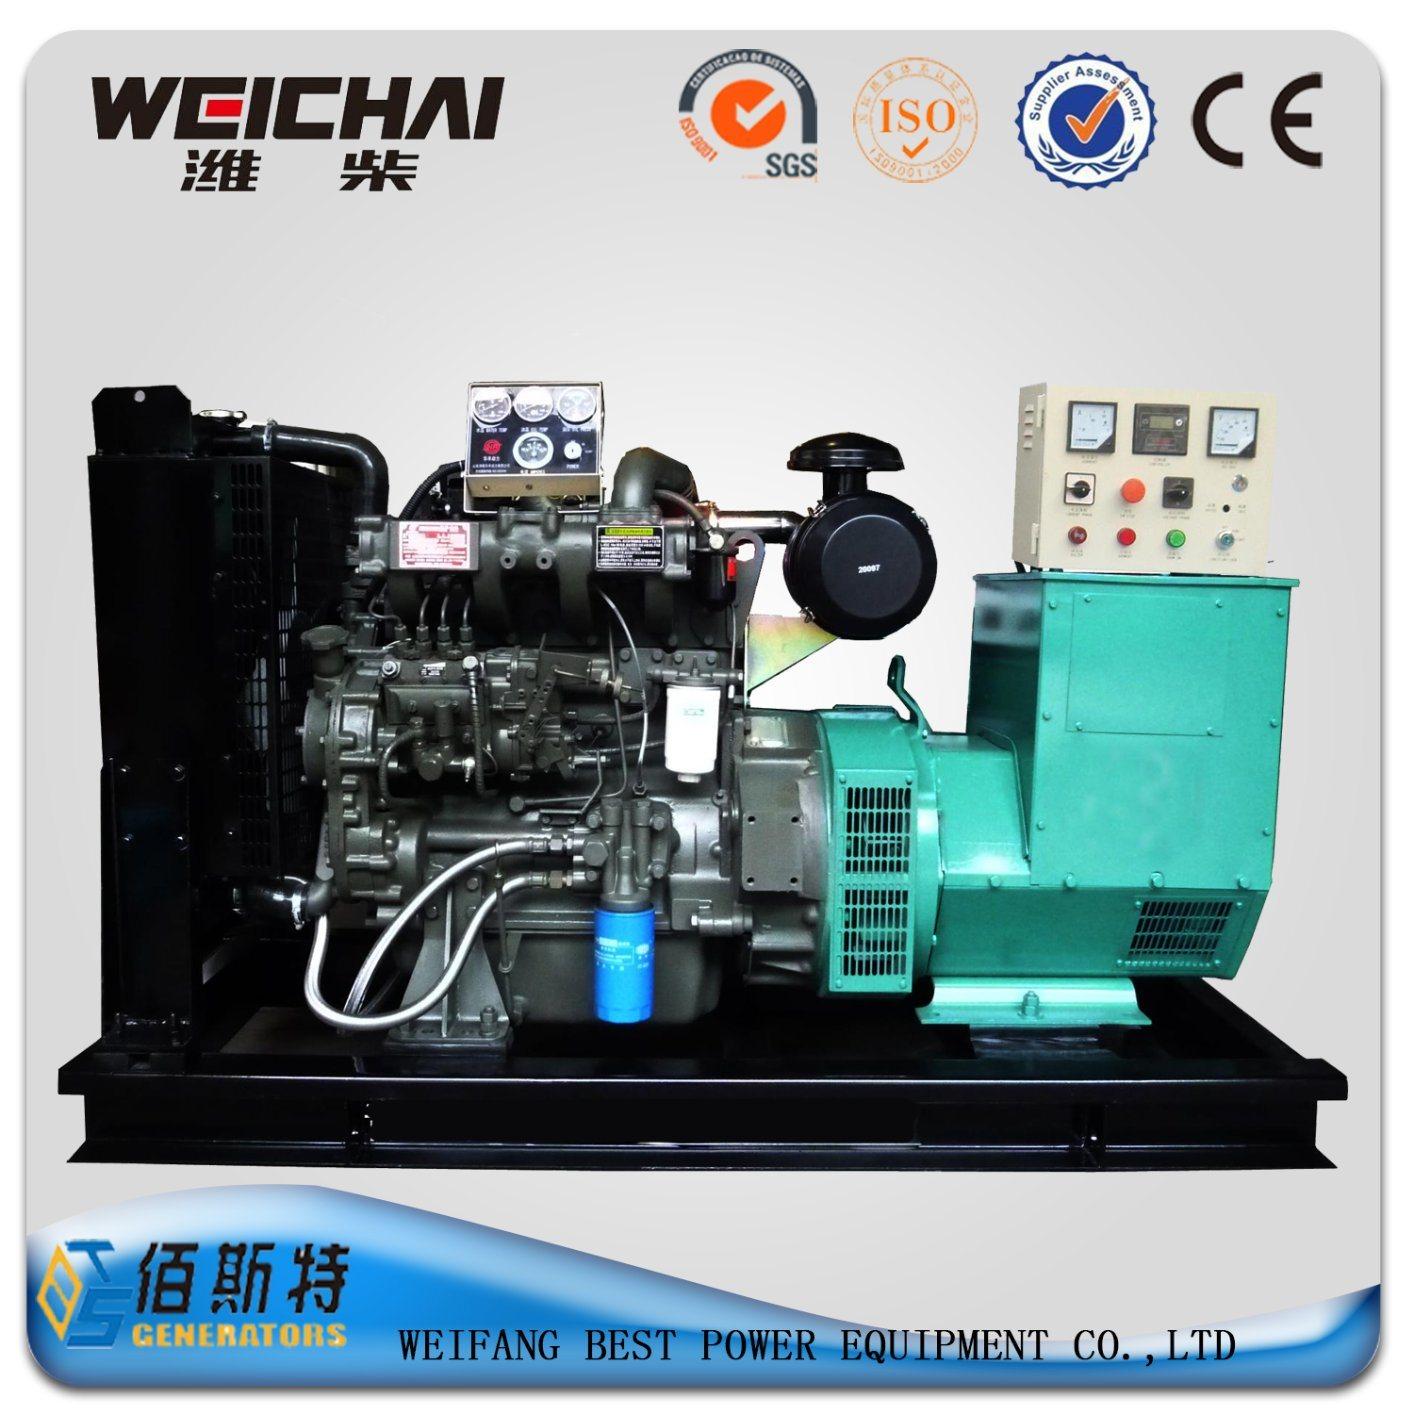 China 150kw Weichai Power Silent Diesel Generator Set for Sale W8